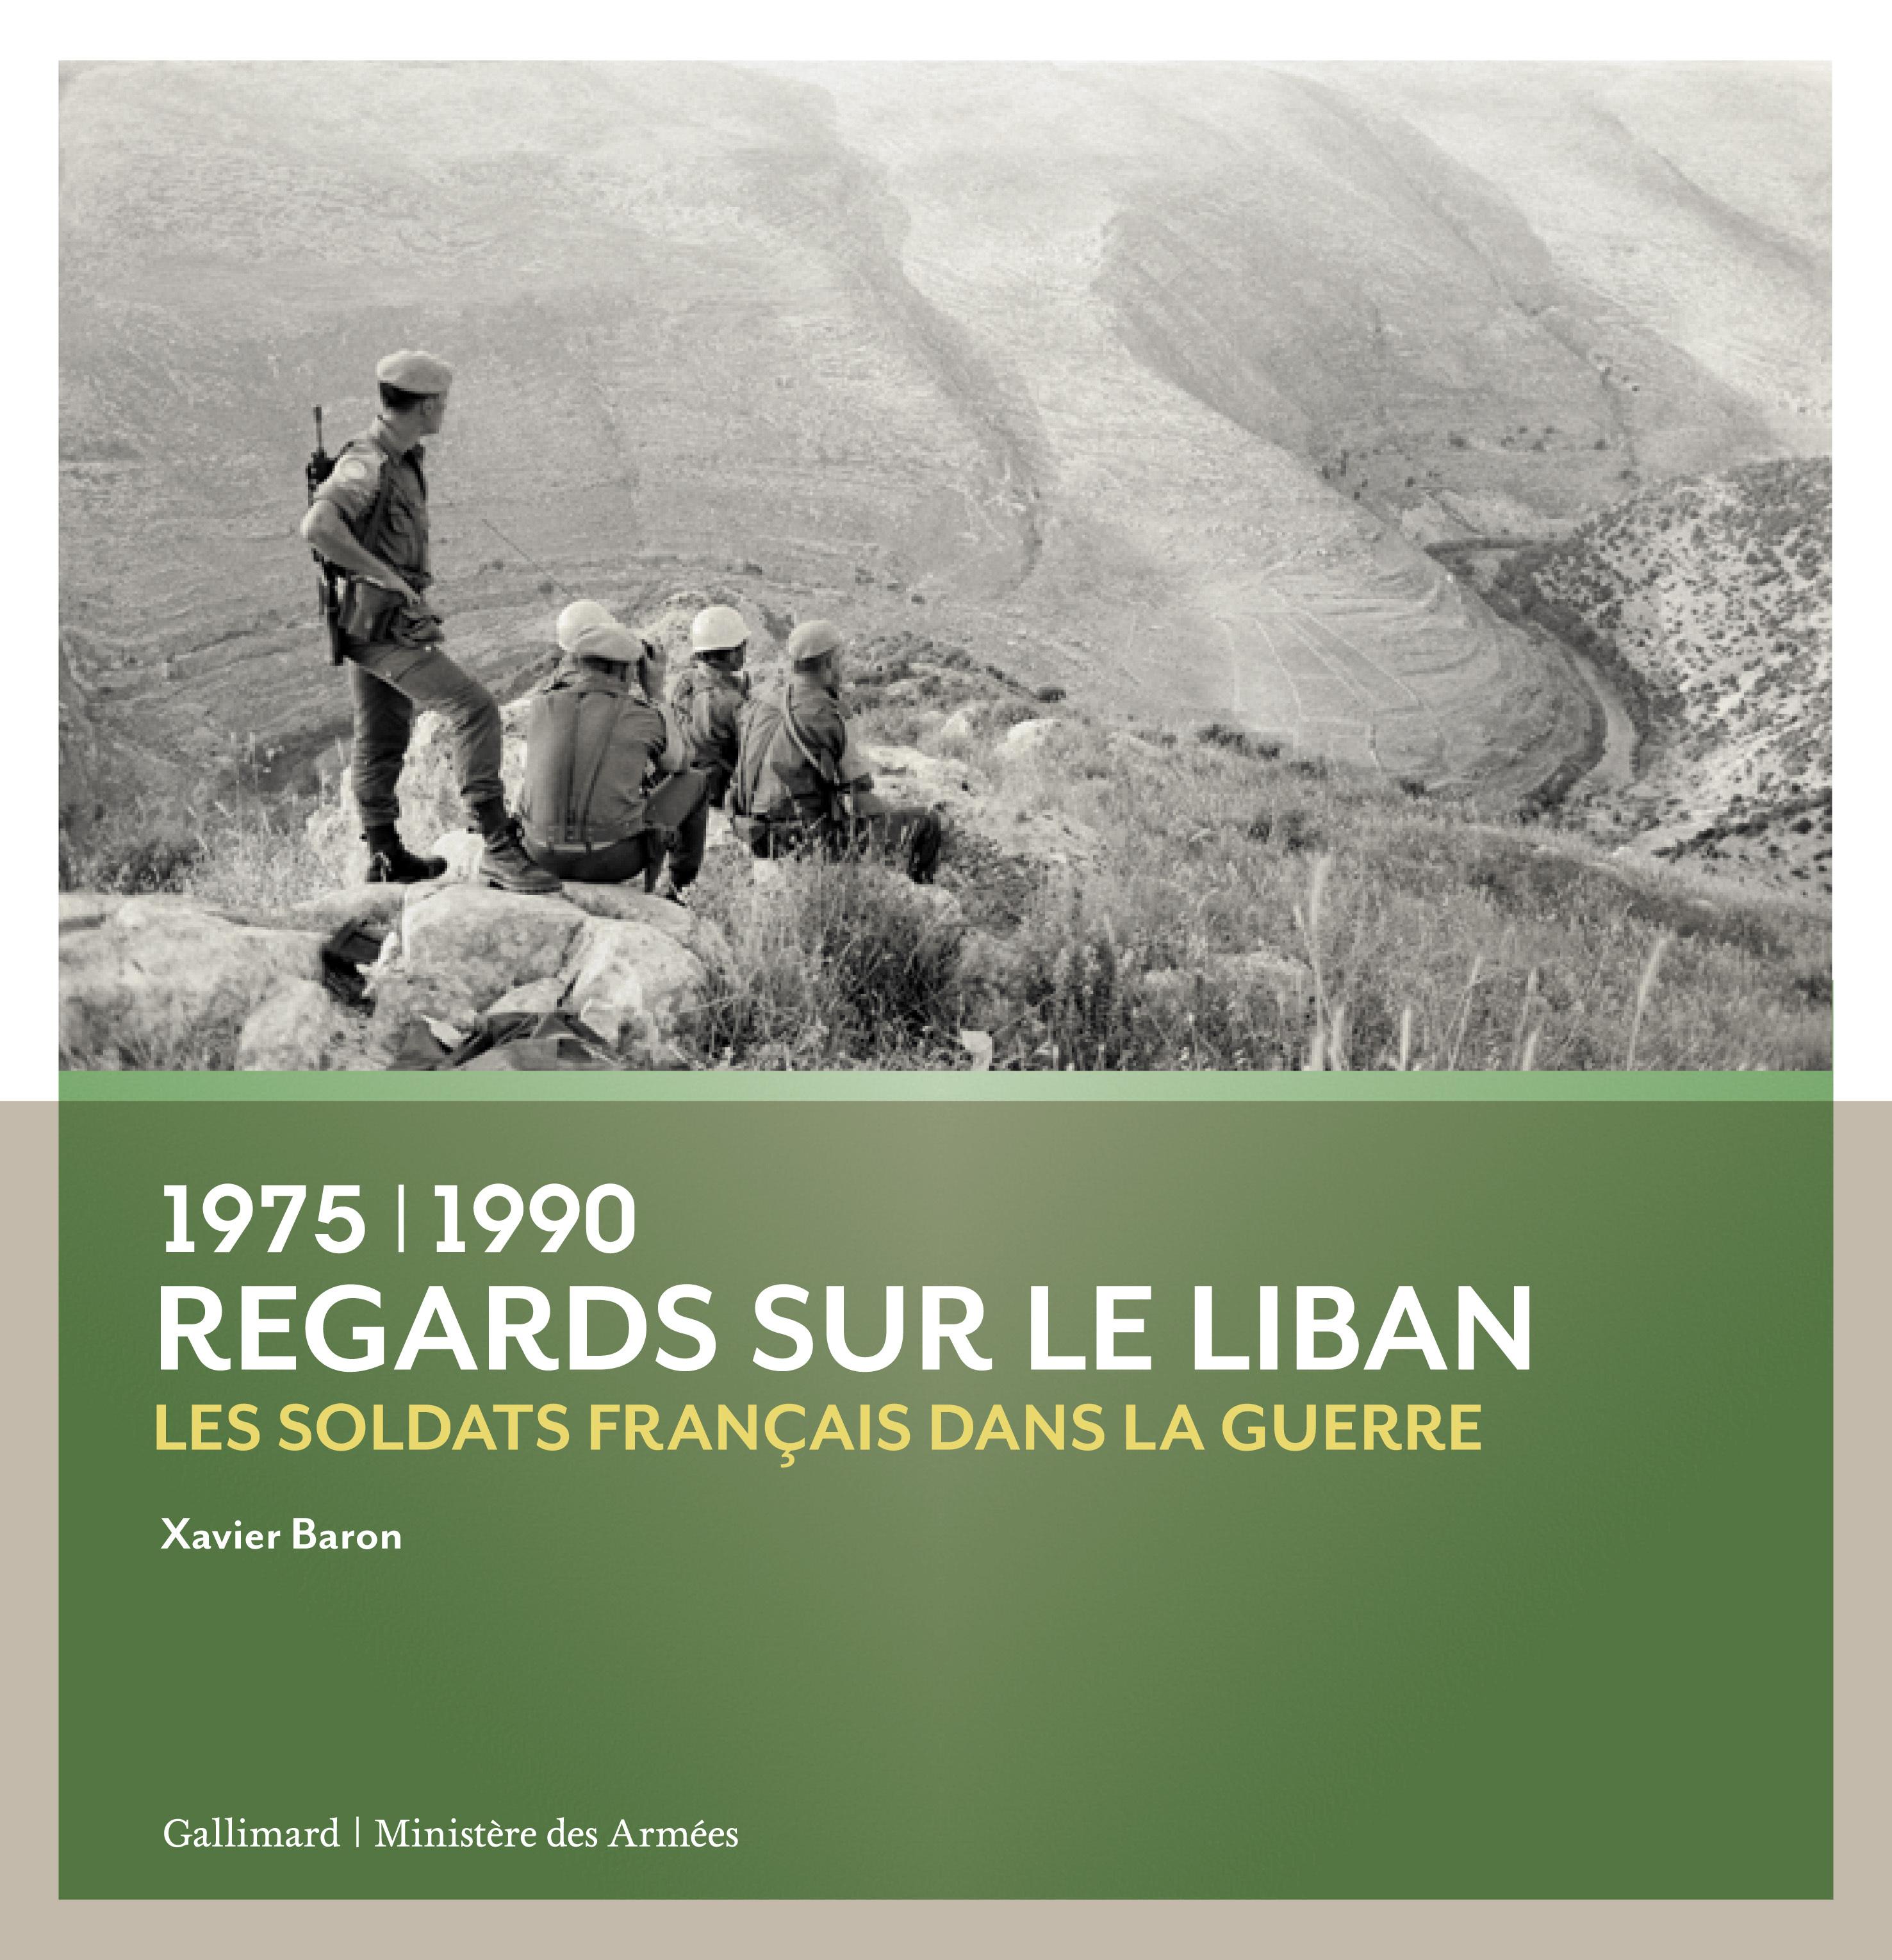 REGARDS SUR LE LIBAN - LES SOLDATS FRANCAIS DANS LA GUERRE (1975-1990)